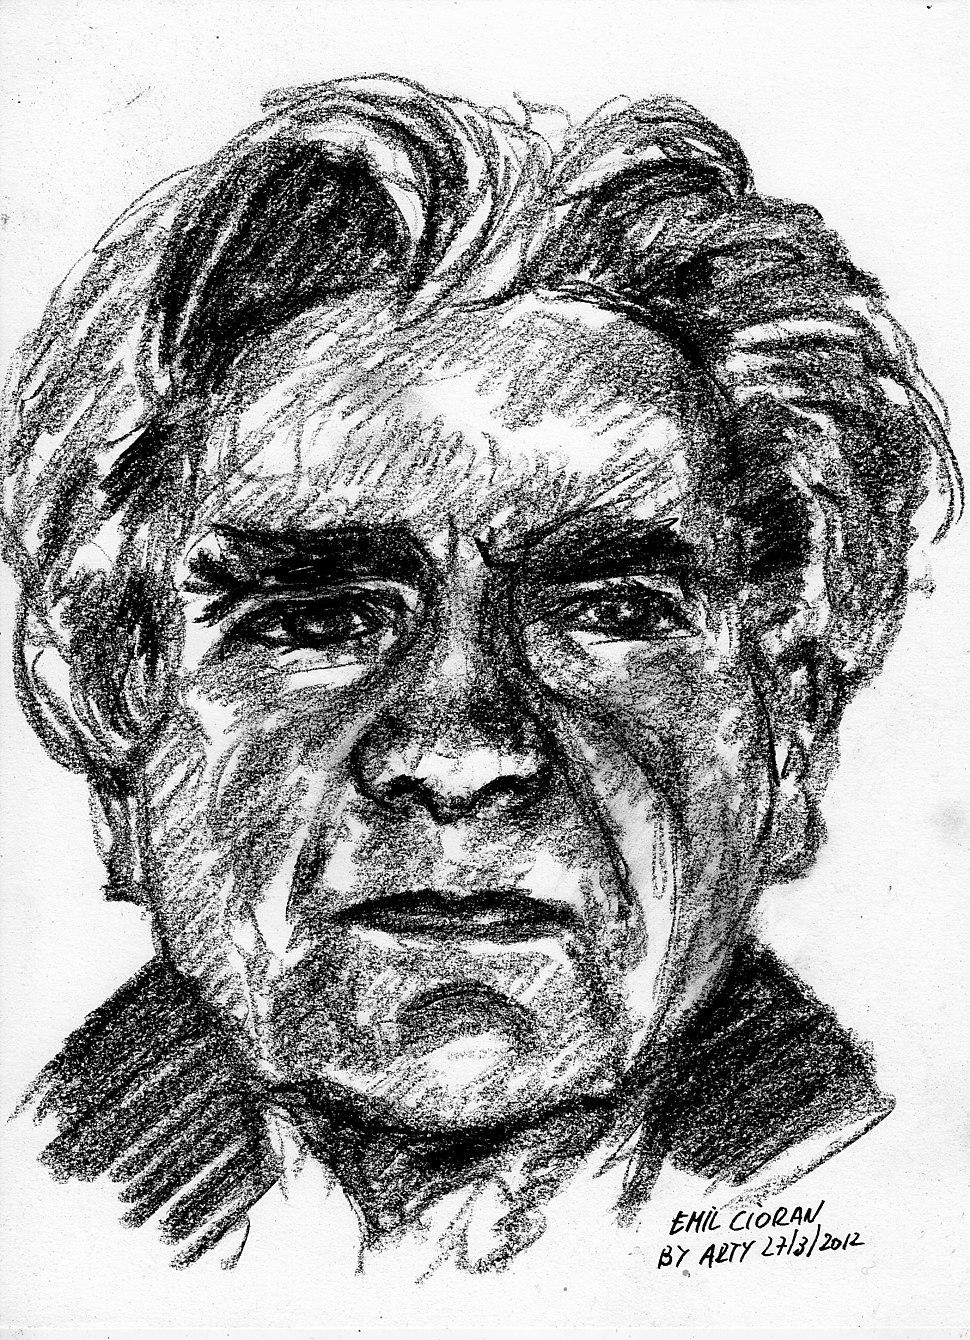 Emil Cioran, filósofo y escritor